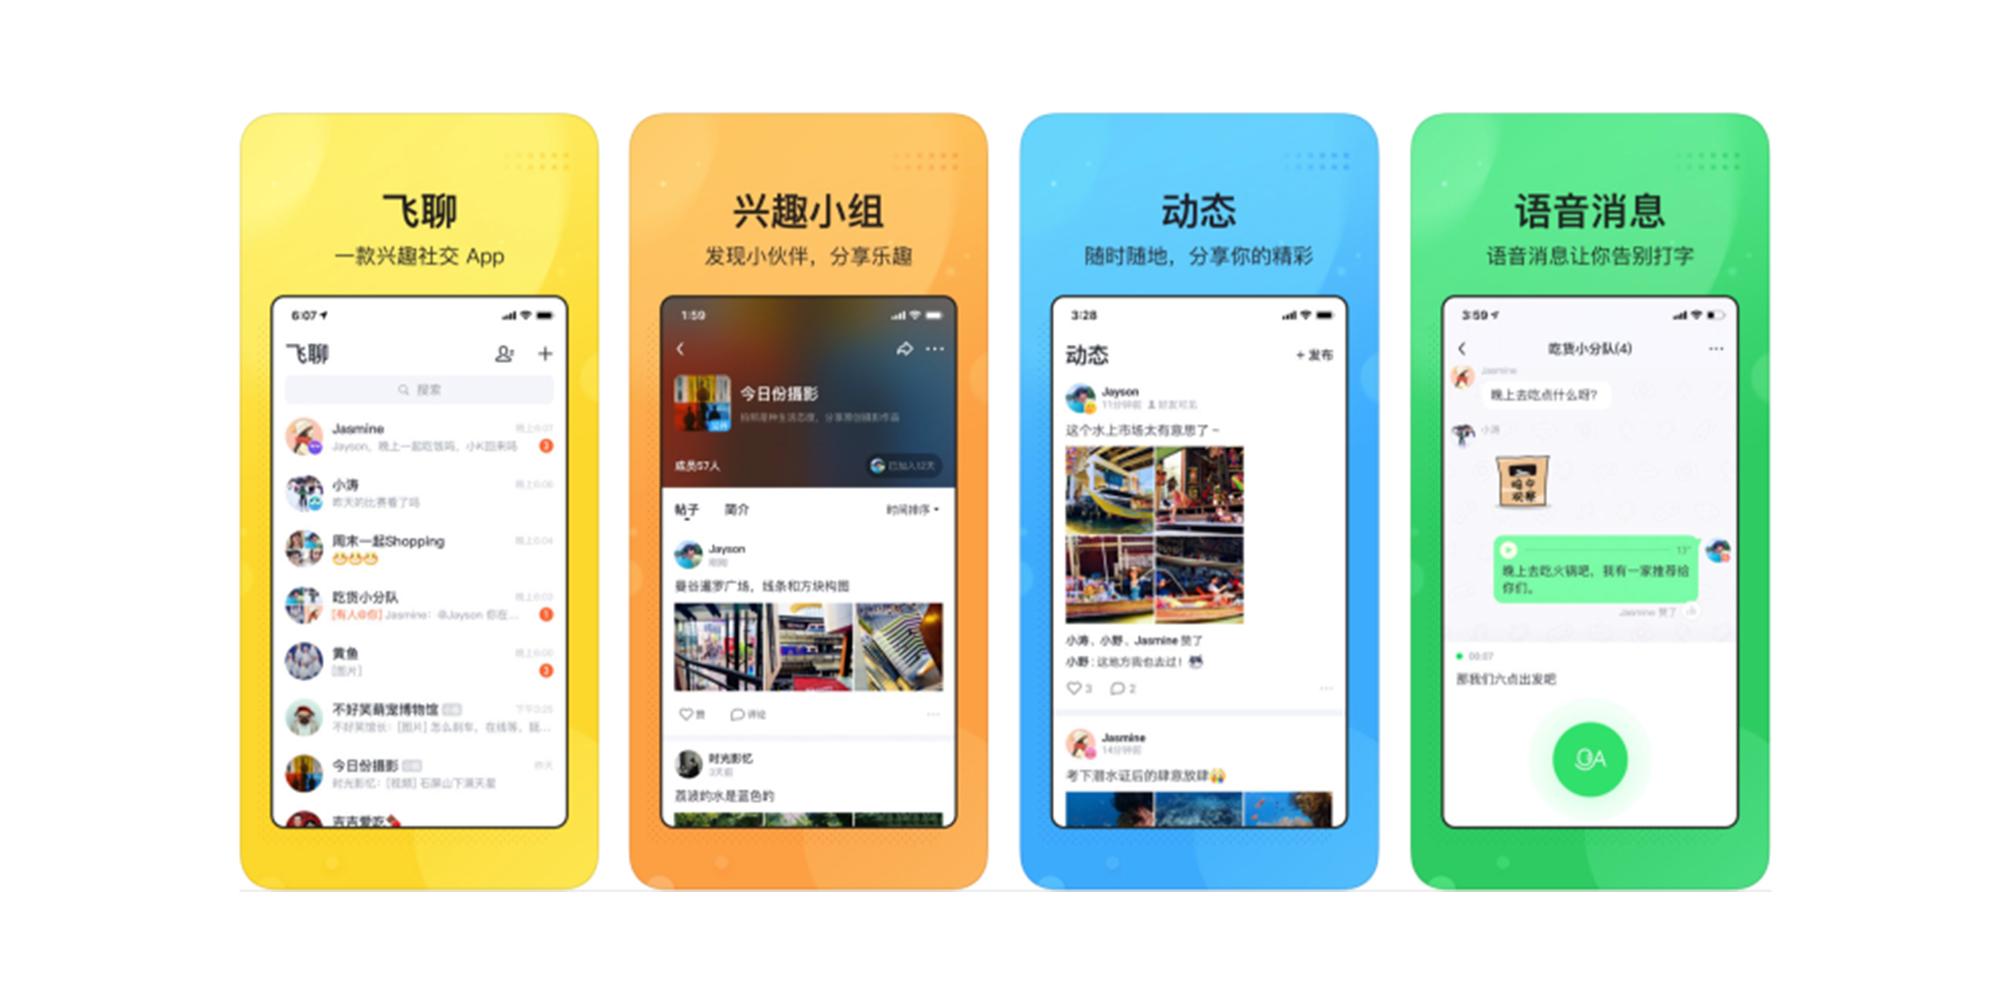 chat incontri Apps per Android collegare imprenditore Malaysia